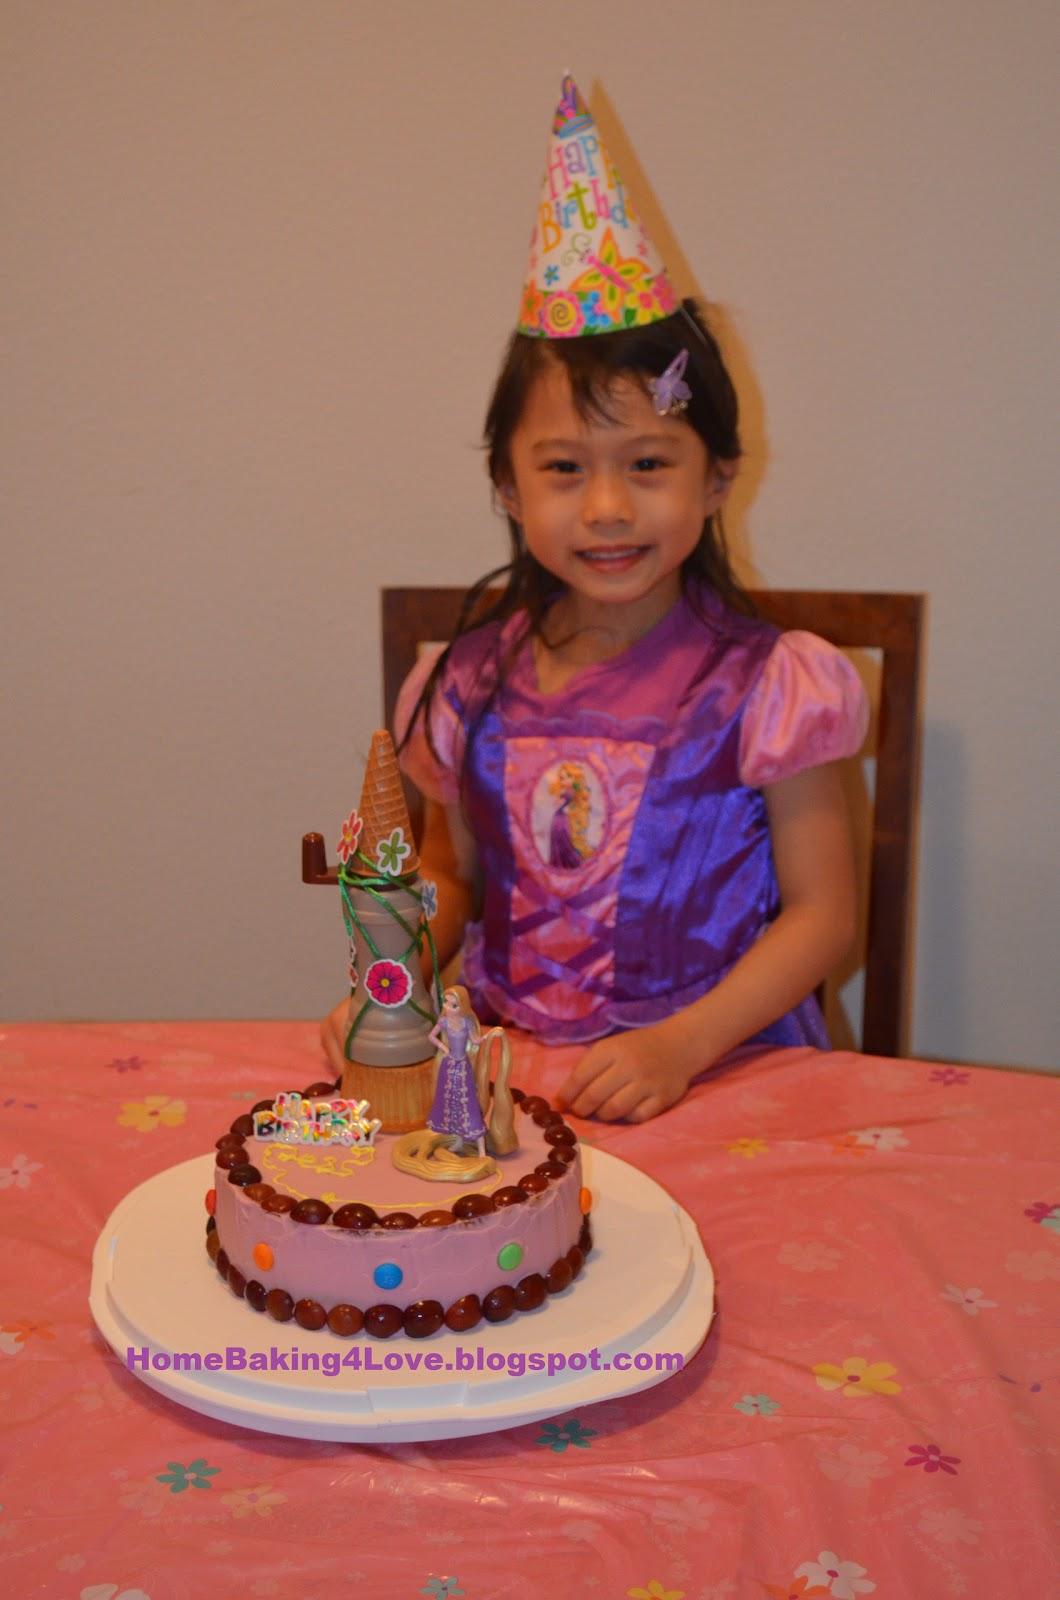 Home Baking 4 Love Homemade Tangled Rapunzel Birthday Cake